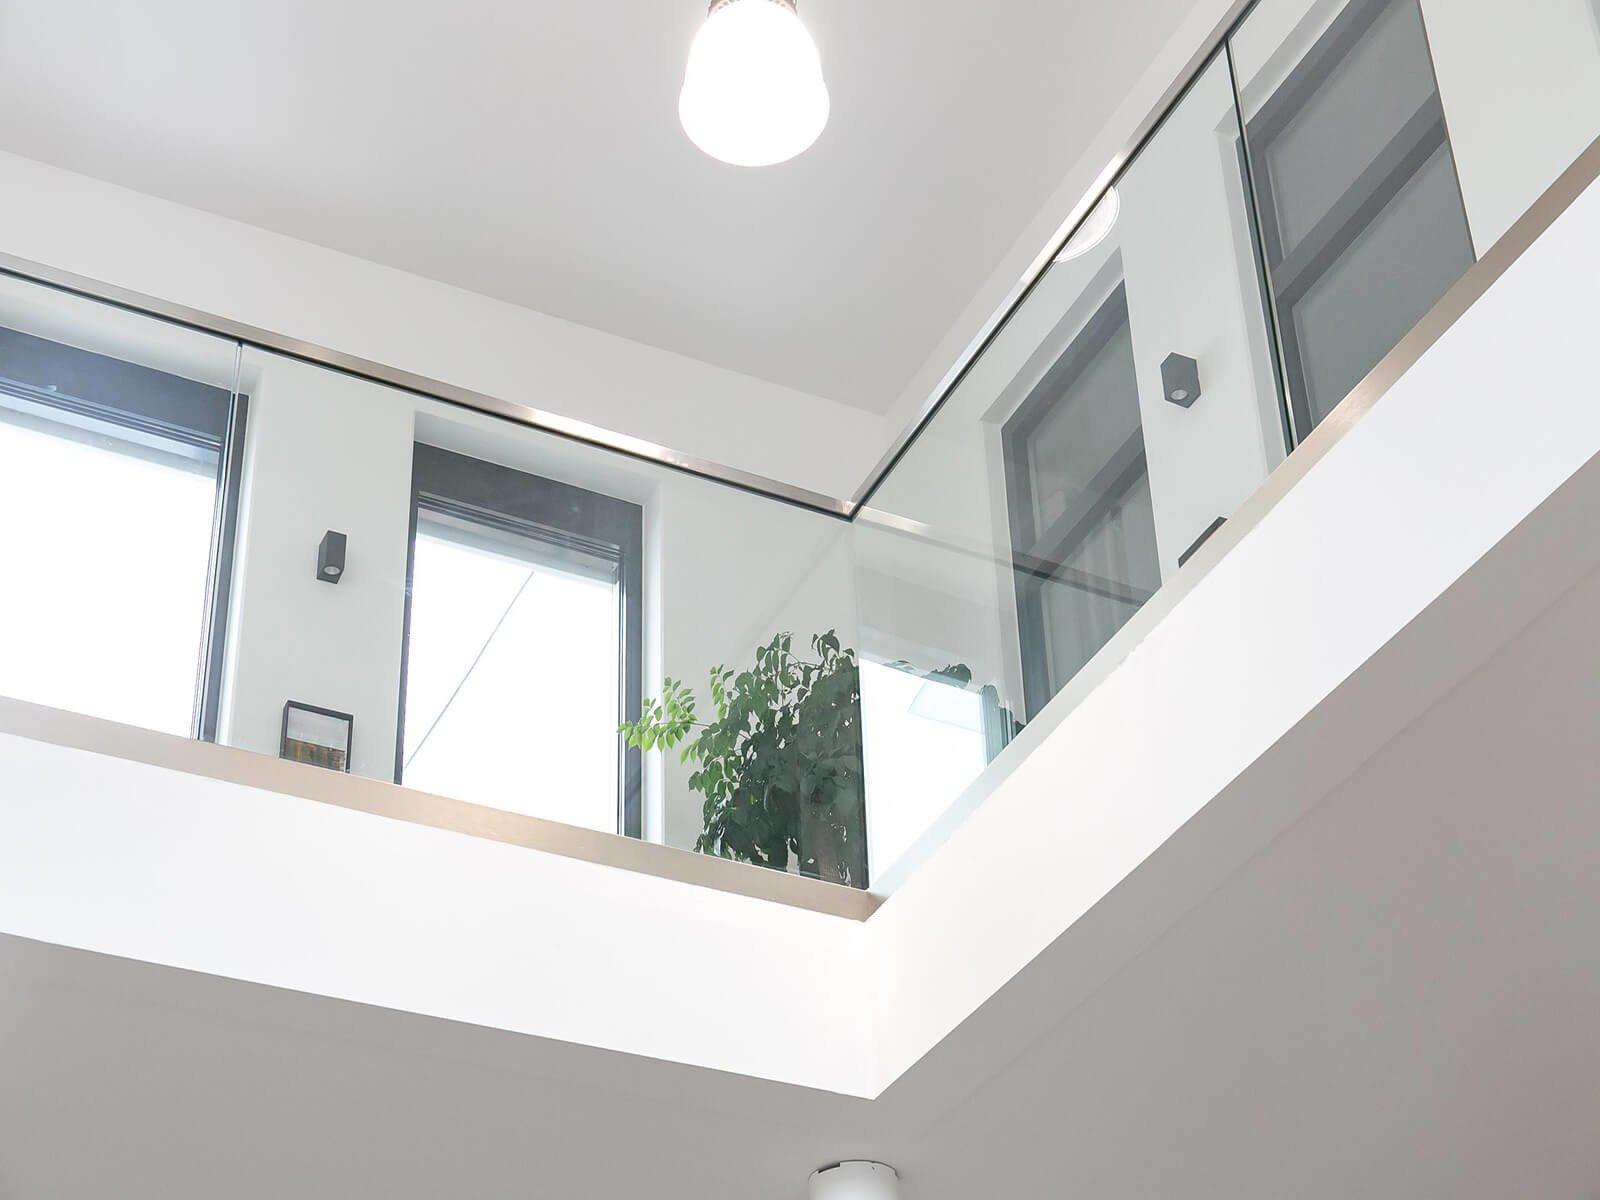 Geländer aus Glas in individuellen Ausführungen für jede Einbausituation ideal für Emporen